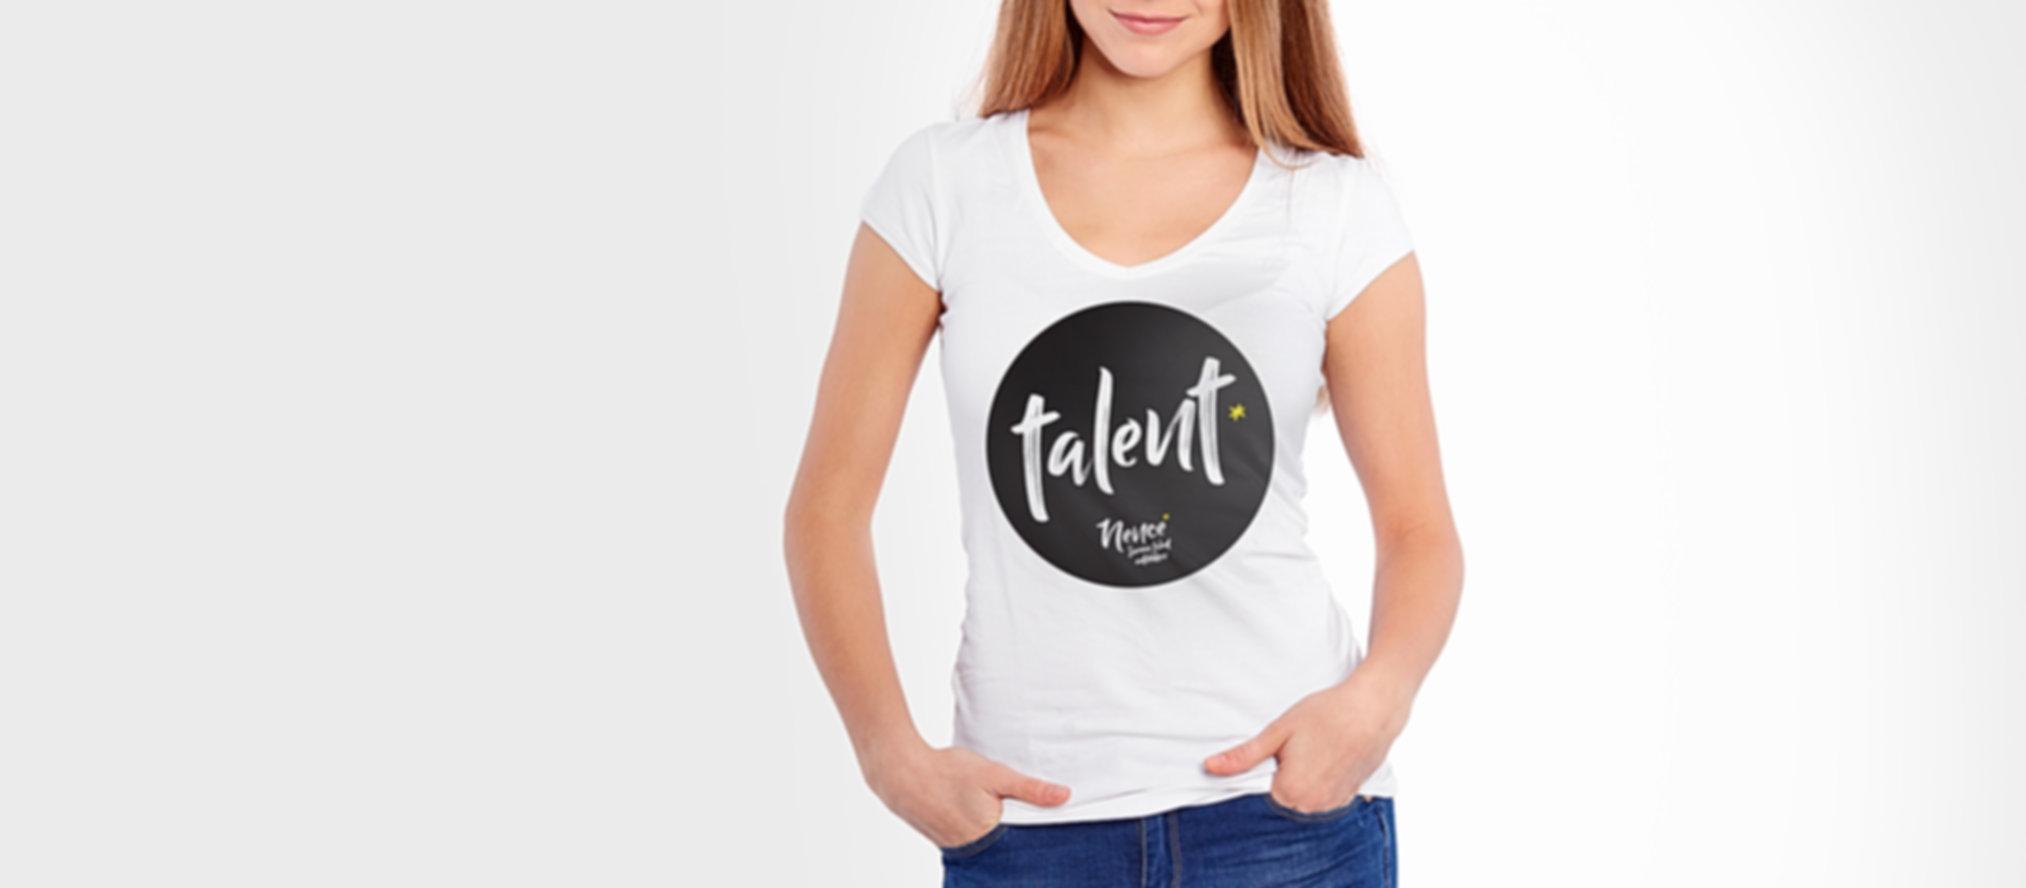 Nence, samen talent ontdekken